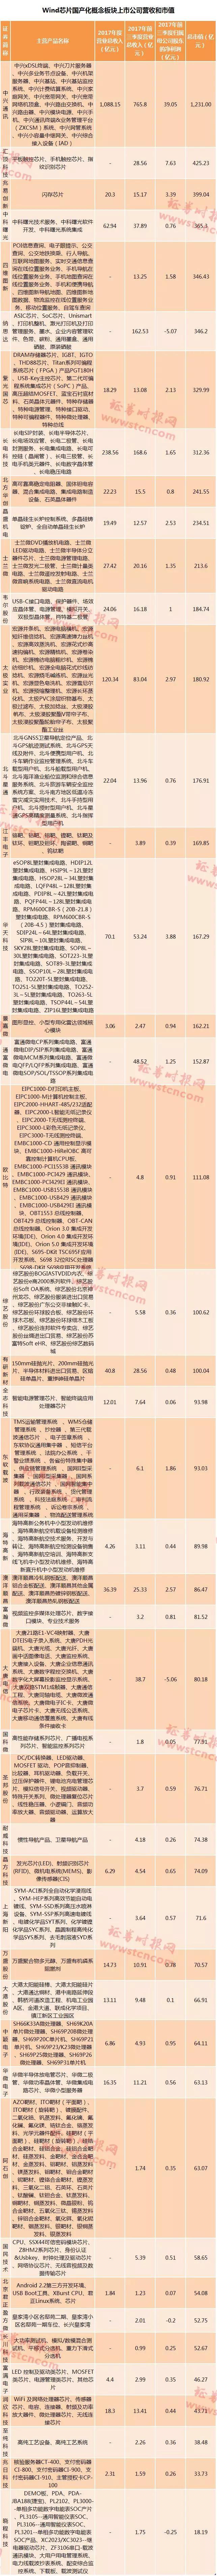 A股芯片公司有多弱?全行业净利加起来比不上茅台 - yuhongbo555888 - yuhongbo555888的博客